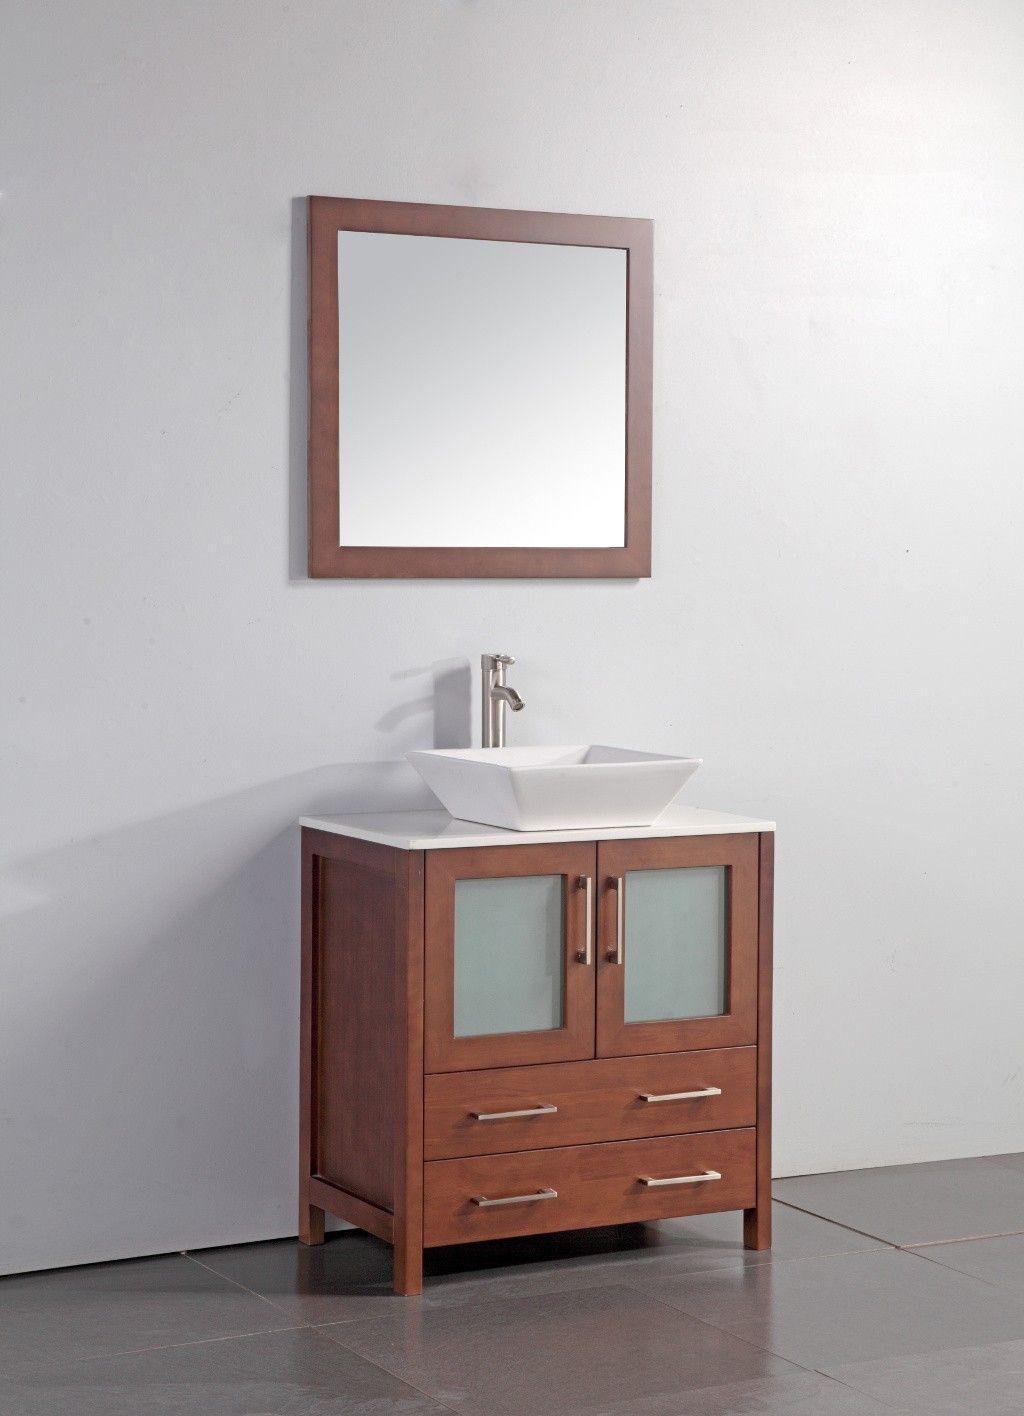 30 Inch Brown Vanity Top Vessel Sink Mirror Wa7830c Single Bathroom Vanity Bathroom Red Vanity [ 1416 x 1024 Pixel ]